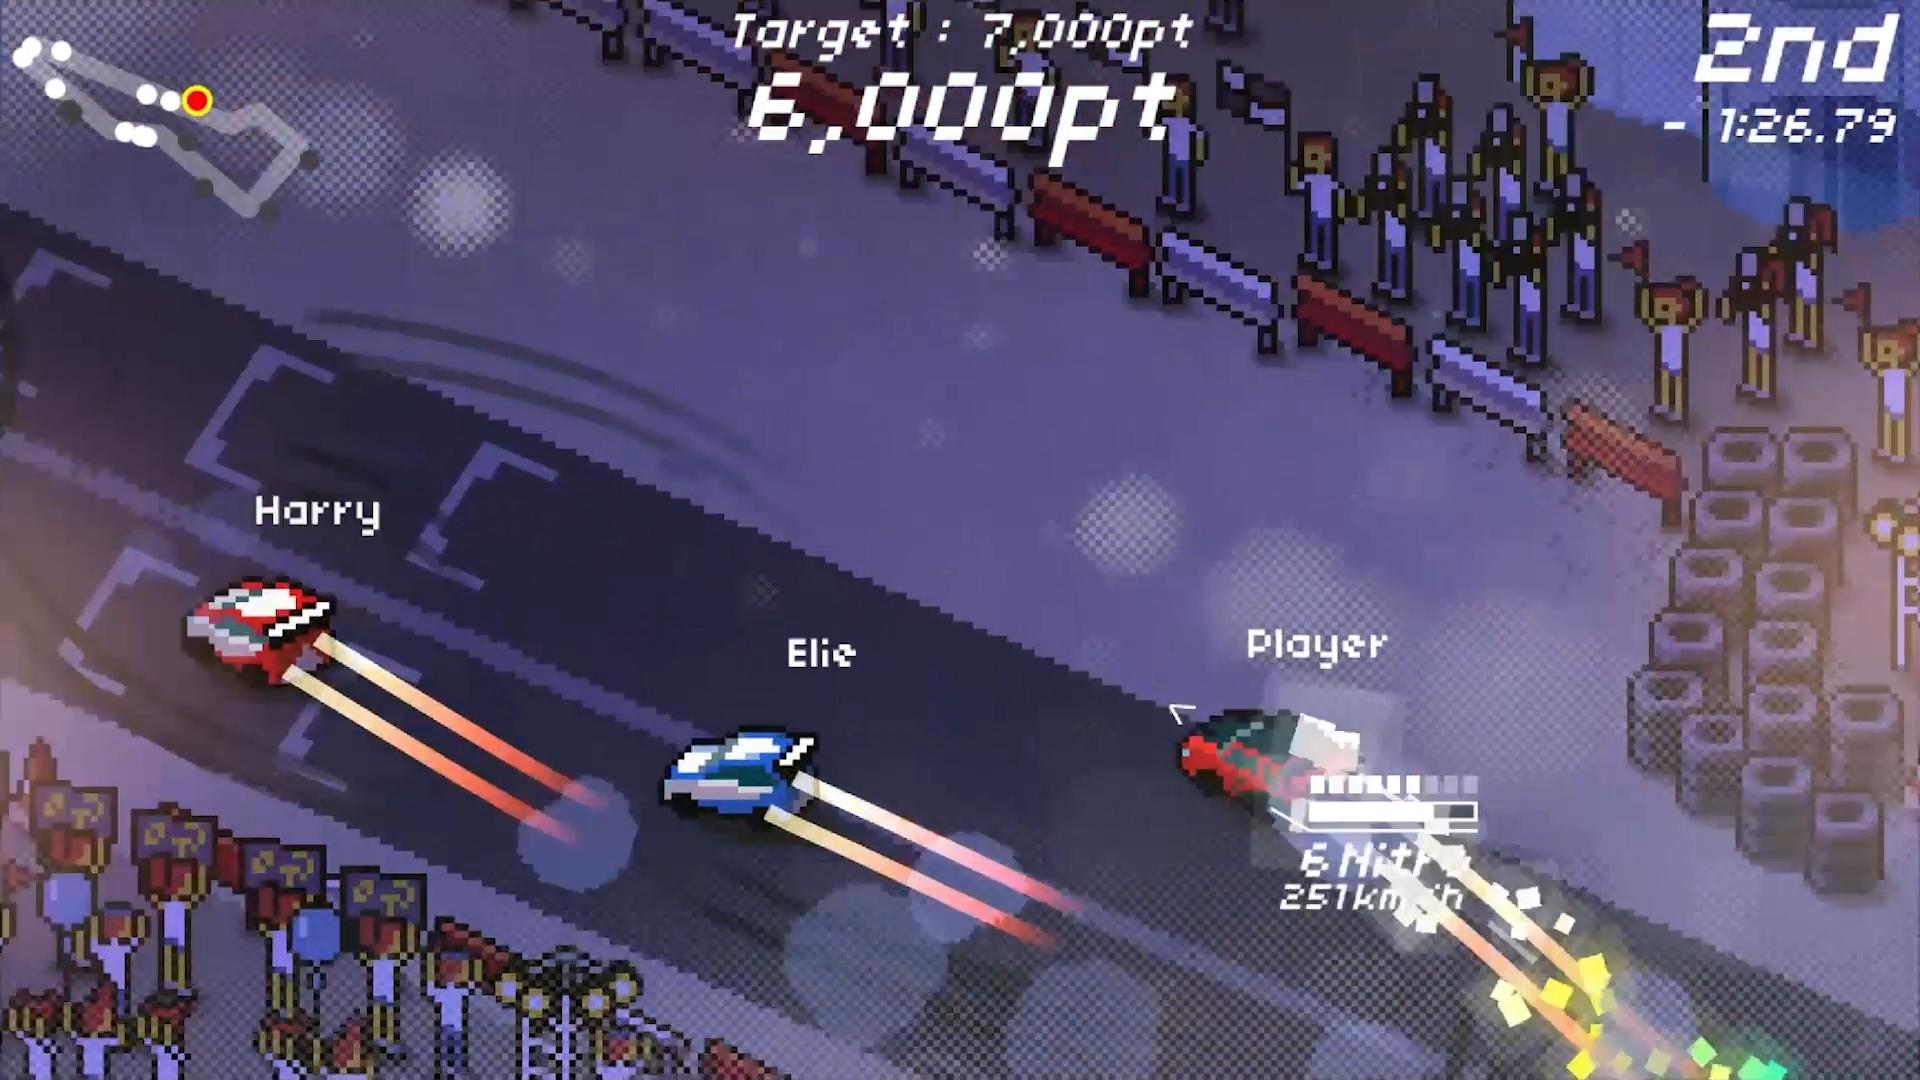 Super Pixel Racers | ROW (ee415009-72bc-4d01-928f-20ff51044328)